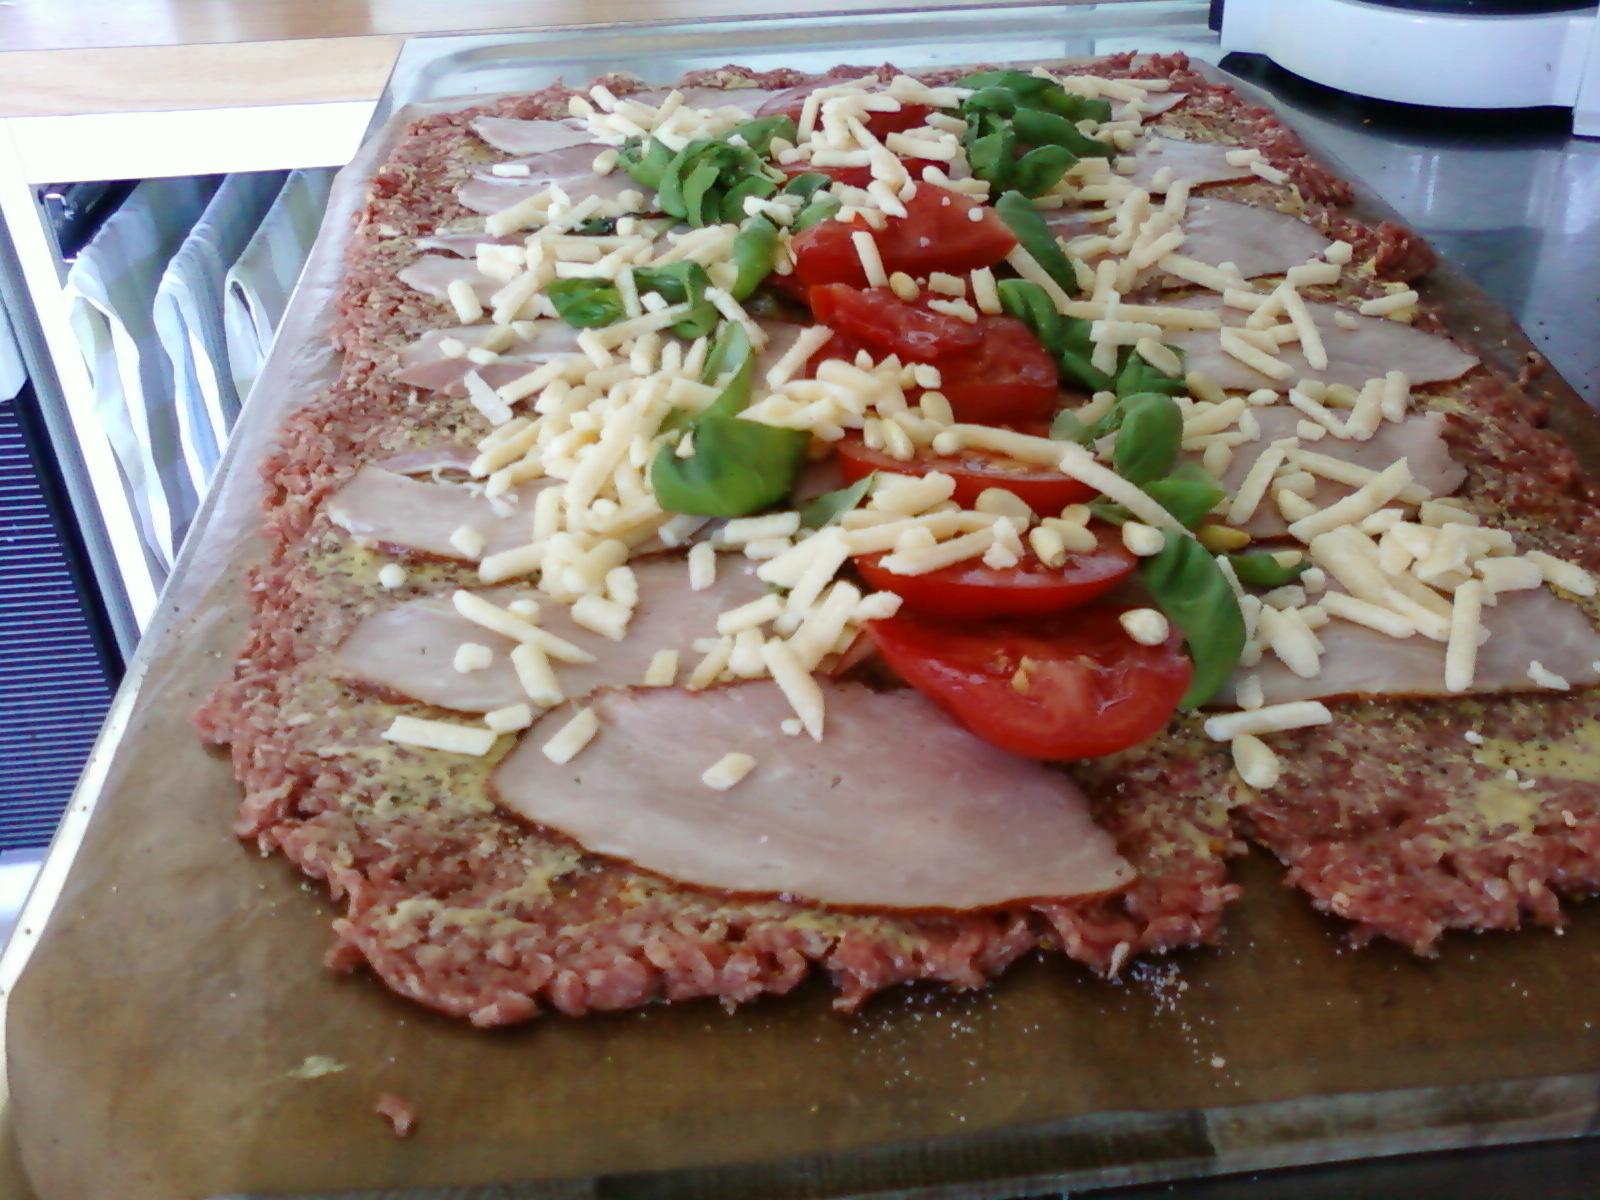 Snabb köttfärslimpa med rökt skinka och tomater